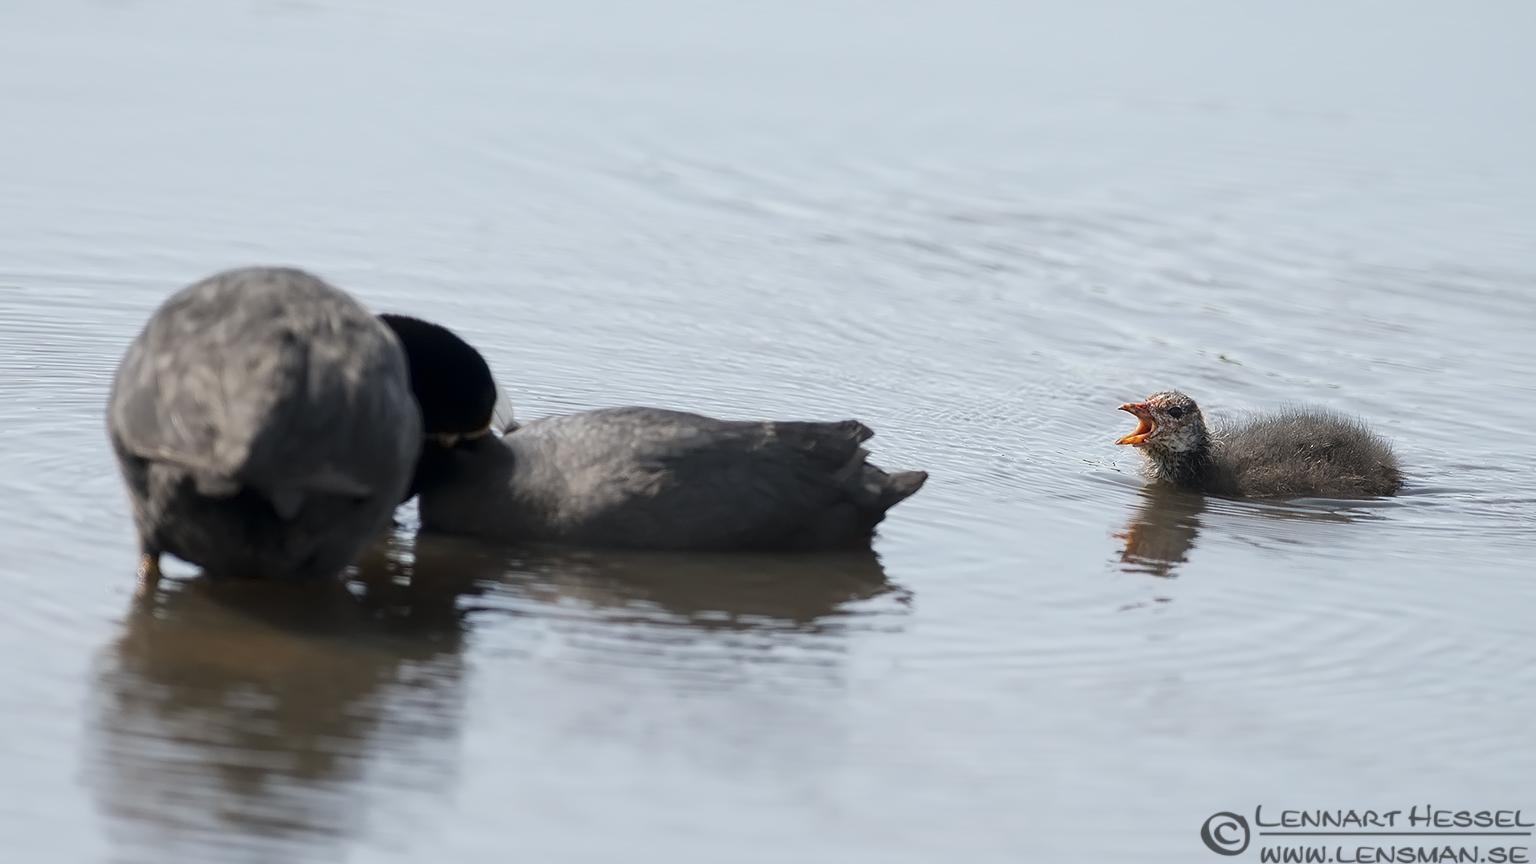 Eurasian Coot visit West Gotland